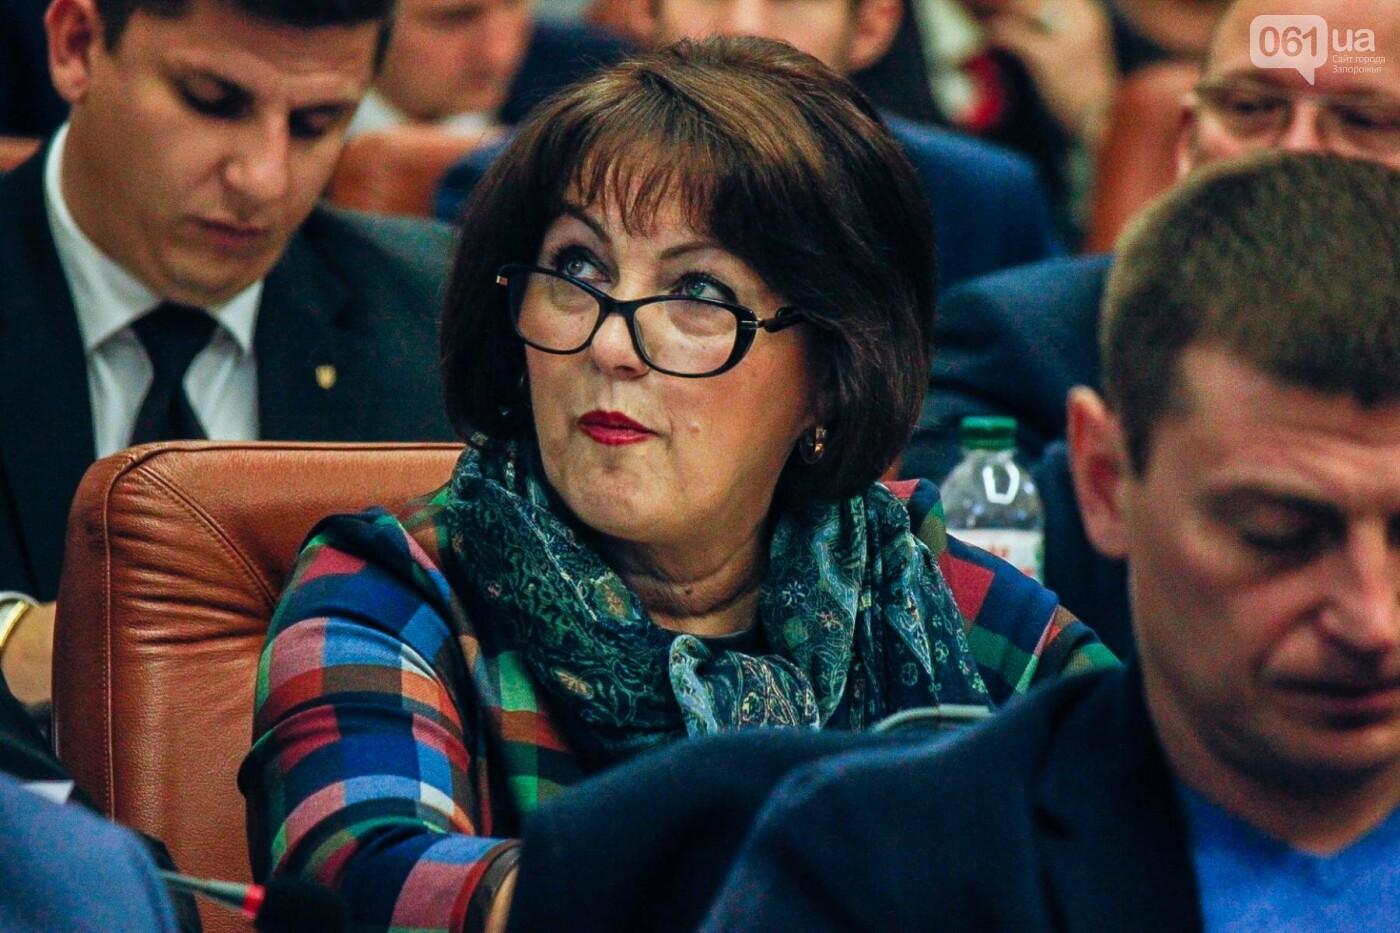 Сессия запорожского горсовета в лицах, - ФОТОРЕПОРТАЖ, фото-69